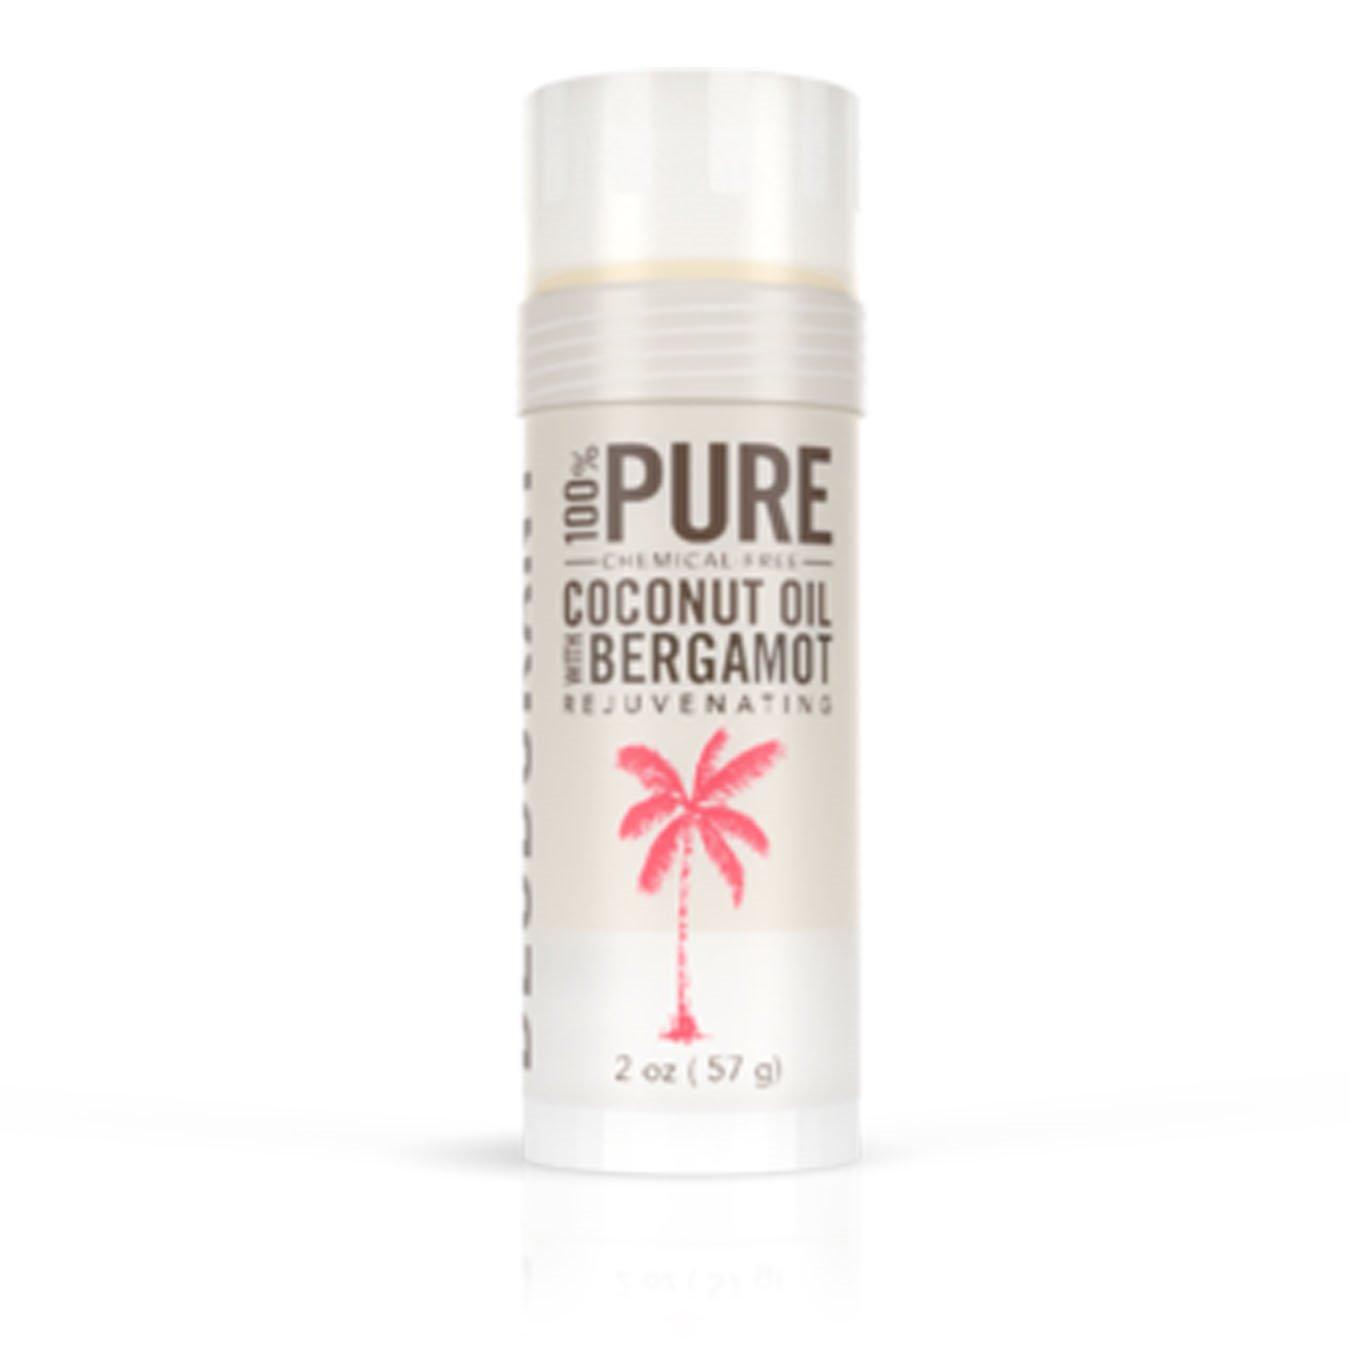 Skinny & Co. Natural Deodorant- Coconut Oil & Bergamot (2 oz.)